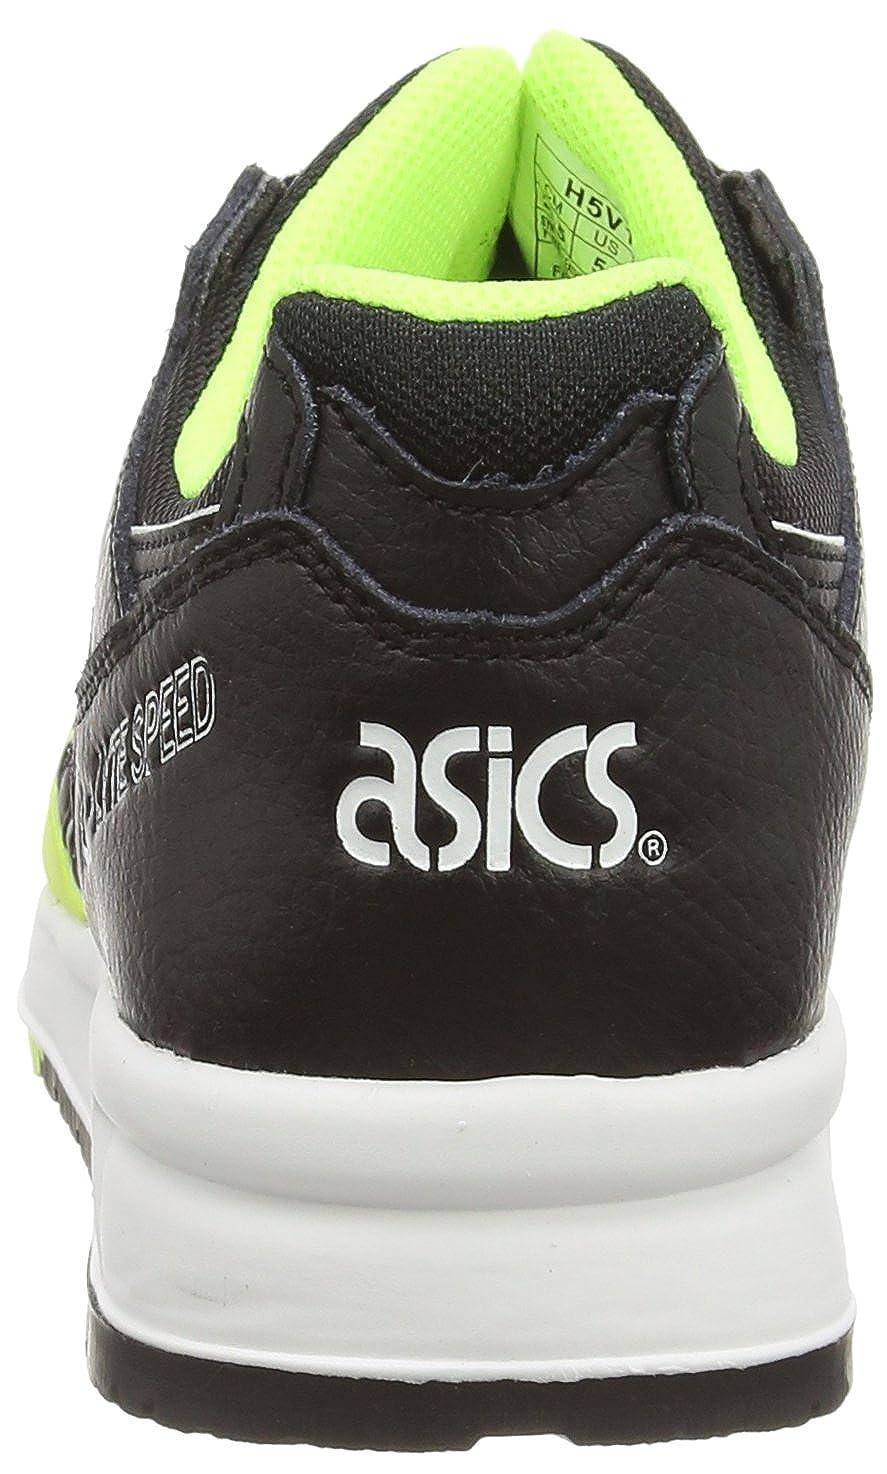 Asics Gel-Lyte Speed, (Saffety Unisex-Erwachsene Sneakers Gelb (Saffety Speed, Yellow/schwarz 0790) dc6cbf